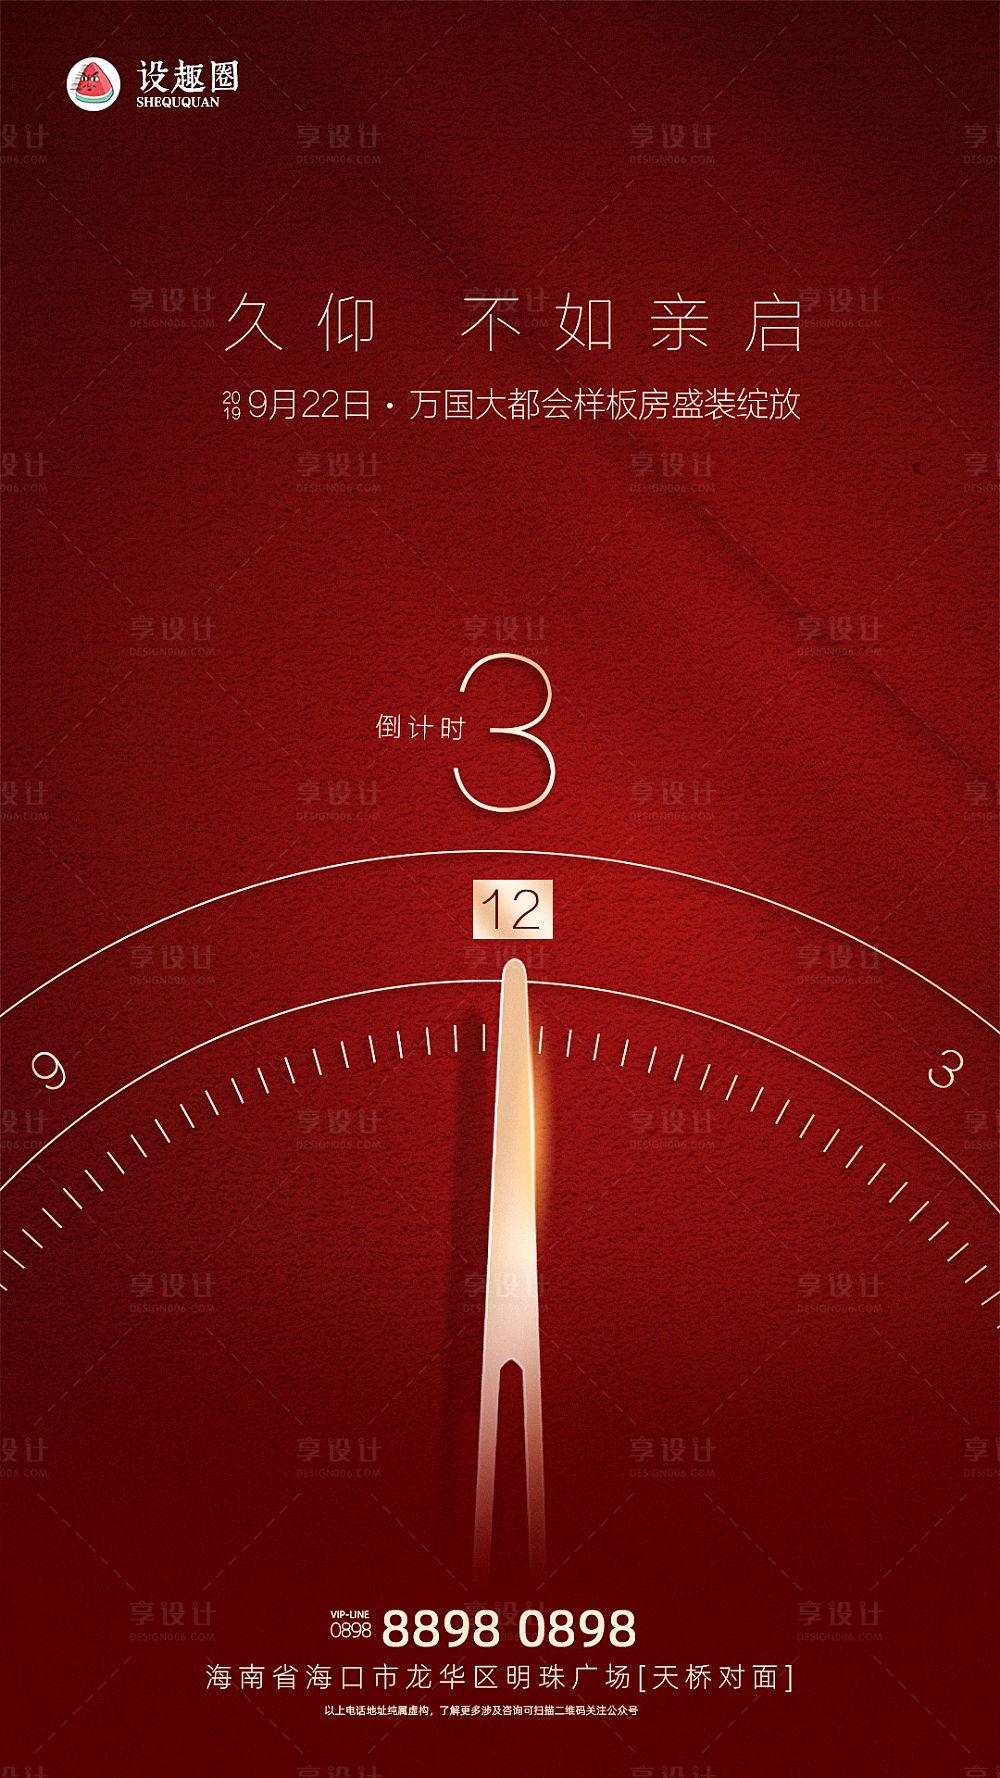 【源文件下载】 海报 倒计时 时钟 时间 房地产 大气 红金 创意 简约 指针